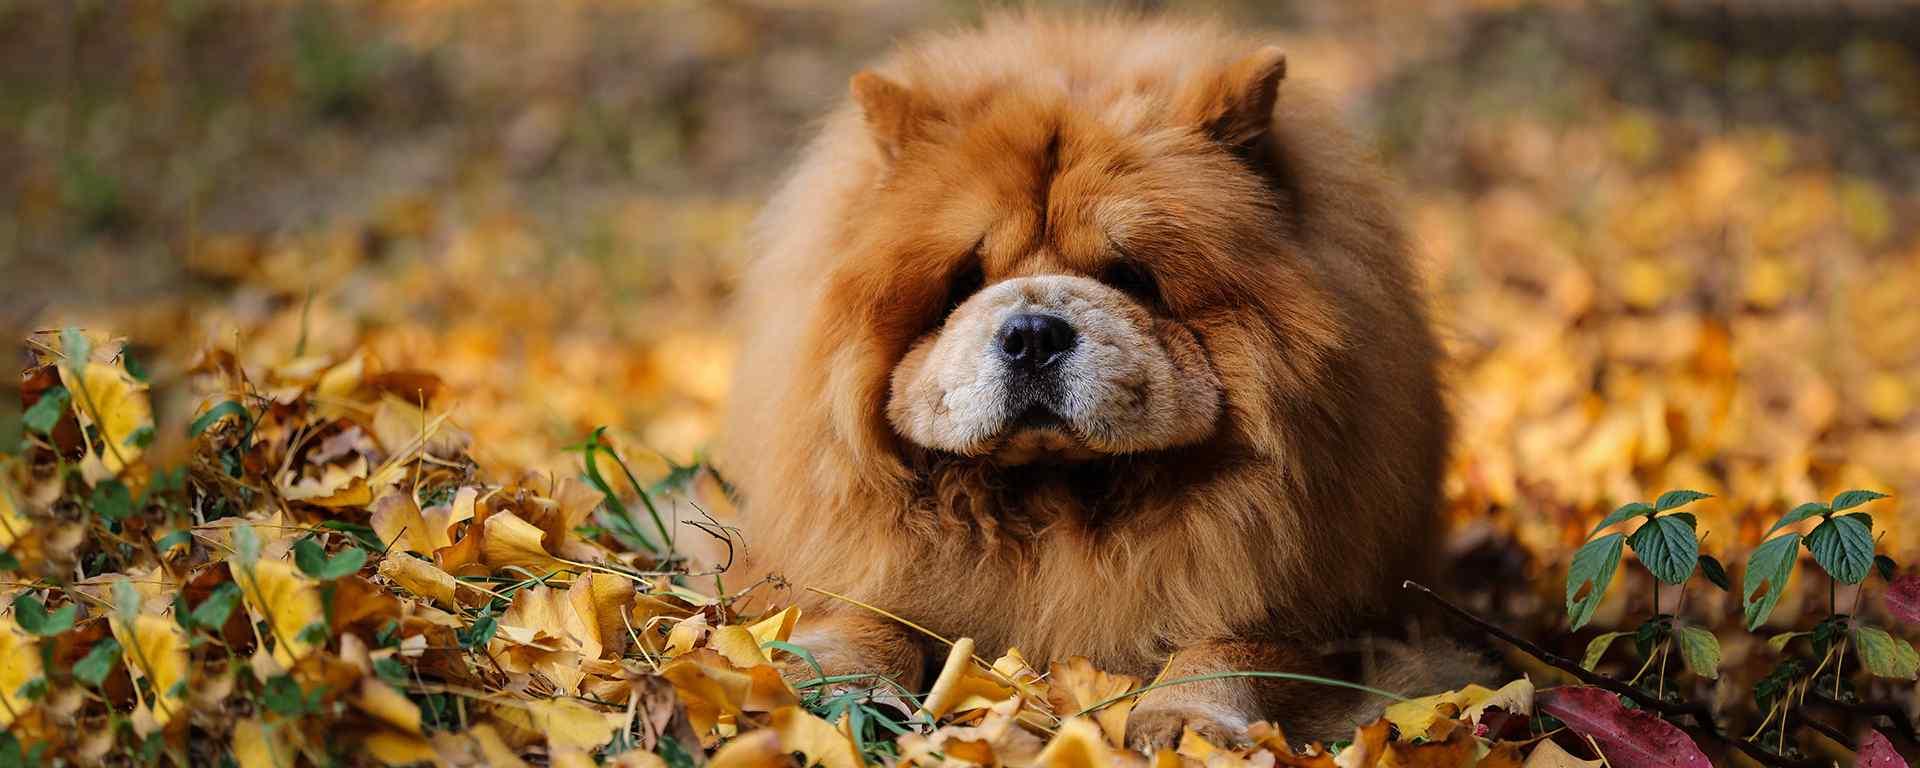 松狮犬_獢獢_可爱的松狮犬_松狮犬图片_松狮犬动物壁纸